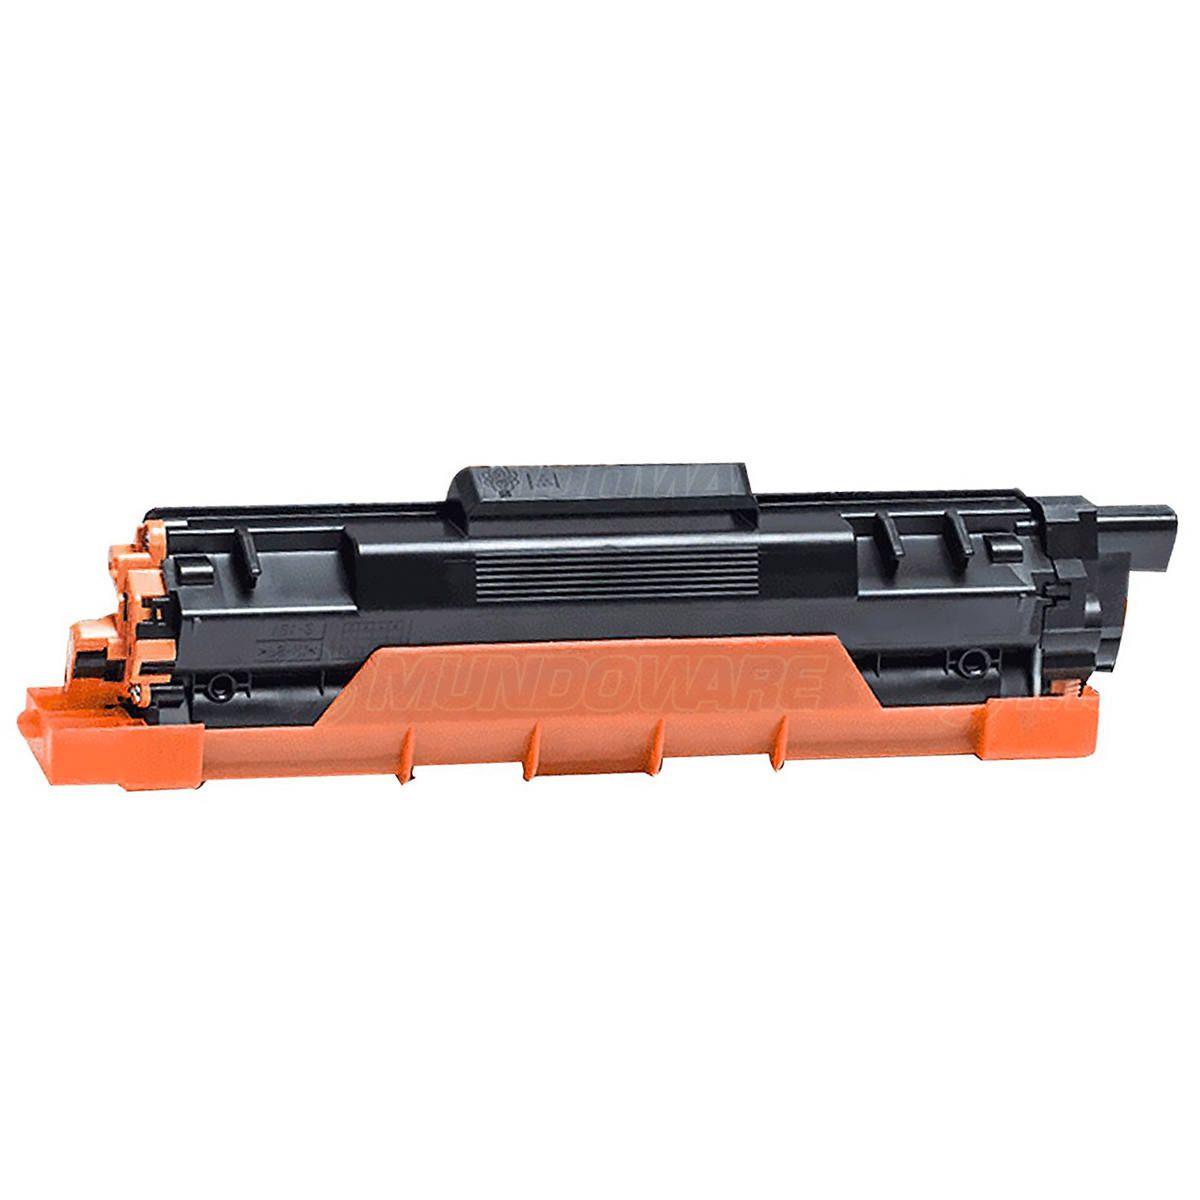 Compatível: Toner TN-217 TN-213 para Brother DCP-L3550cdw MFC-L3270cdw HL-L3210cw L3210 L3750 L3551 / Magenta / 2.300